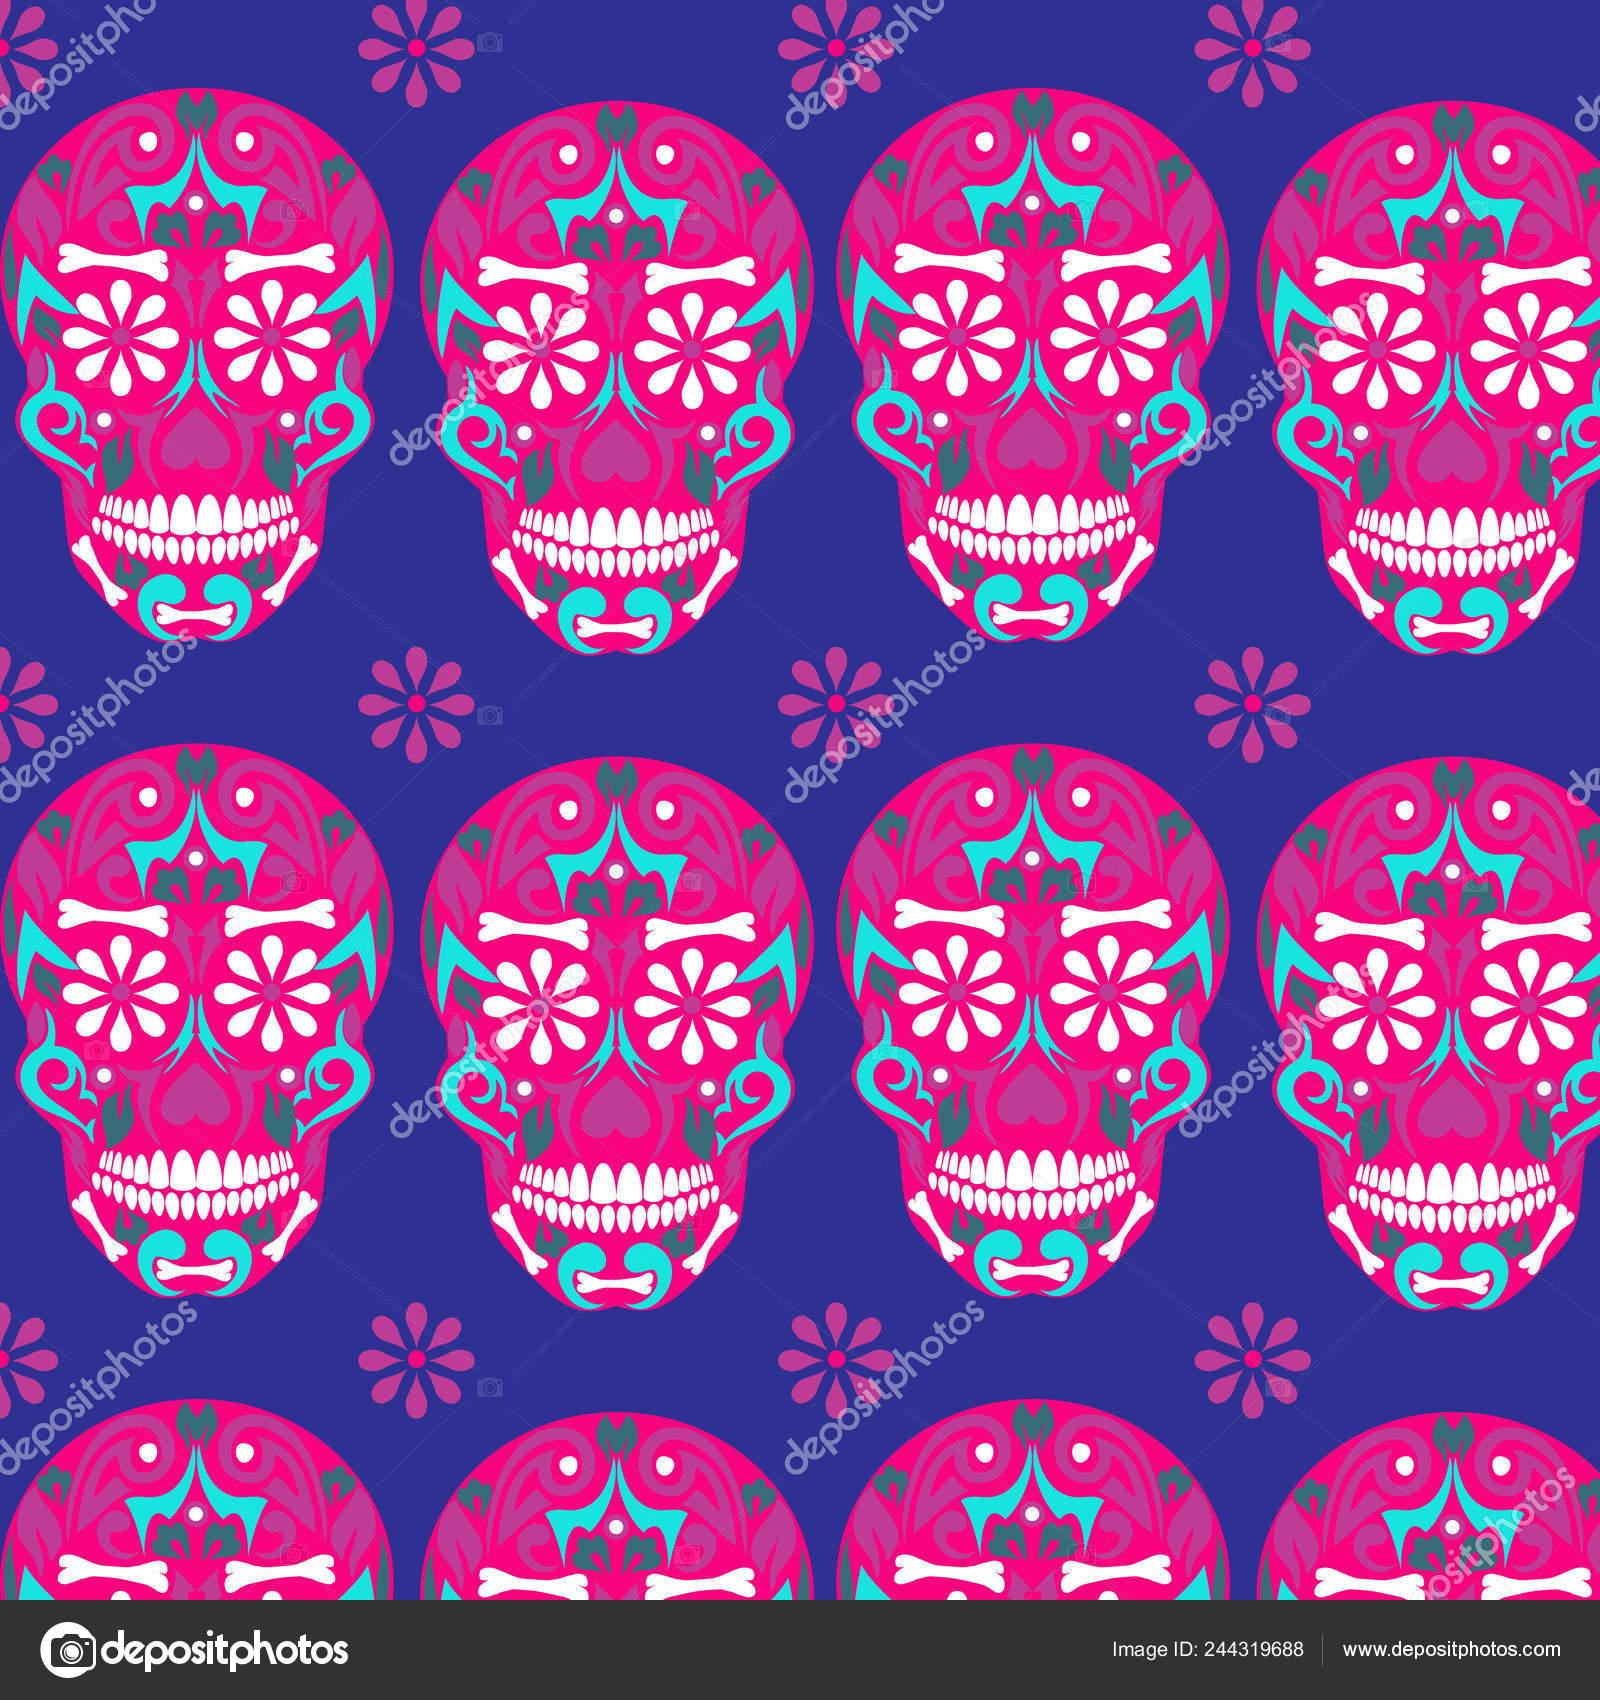 Santa Morte Dia Cranio Acucar Morto Mexicana Dia Dos Mortos